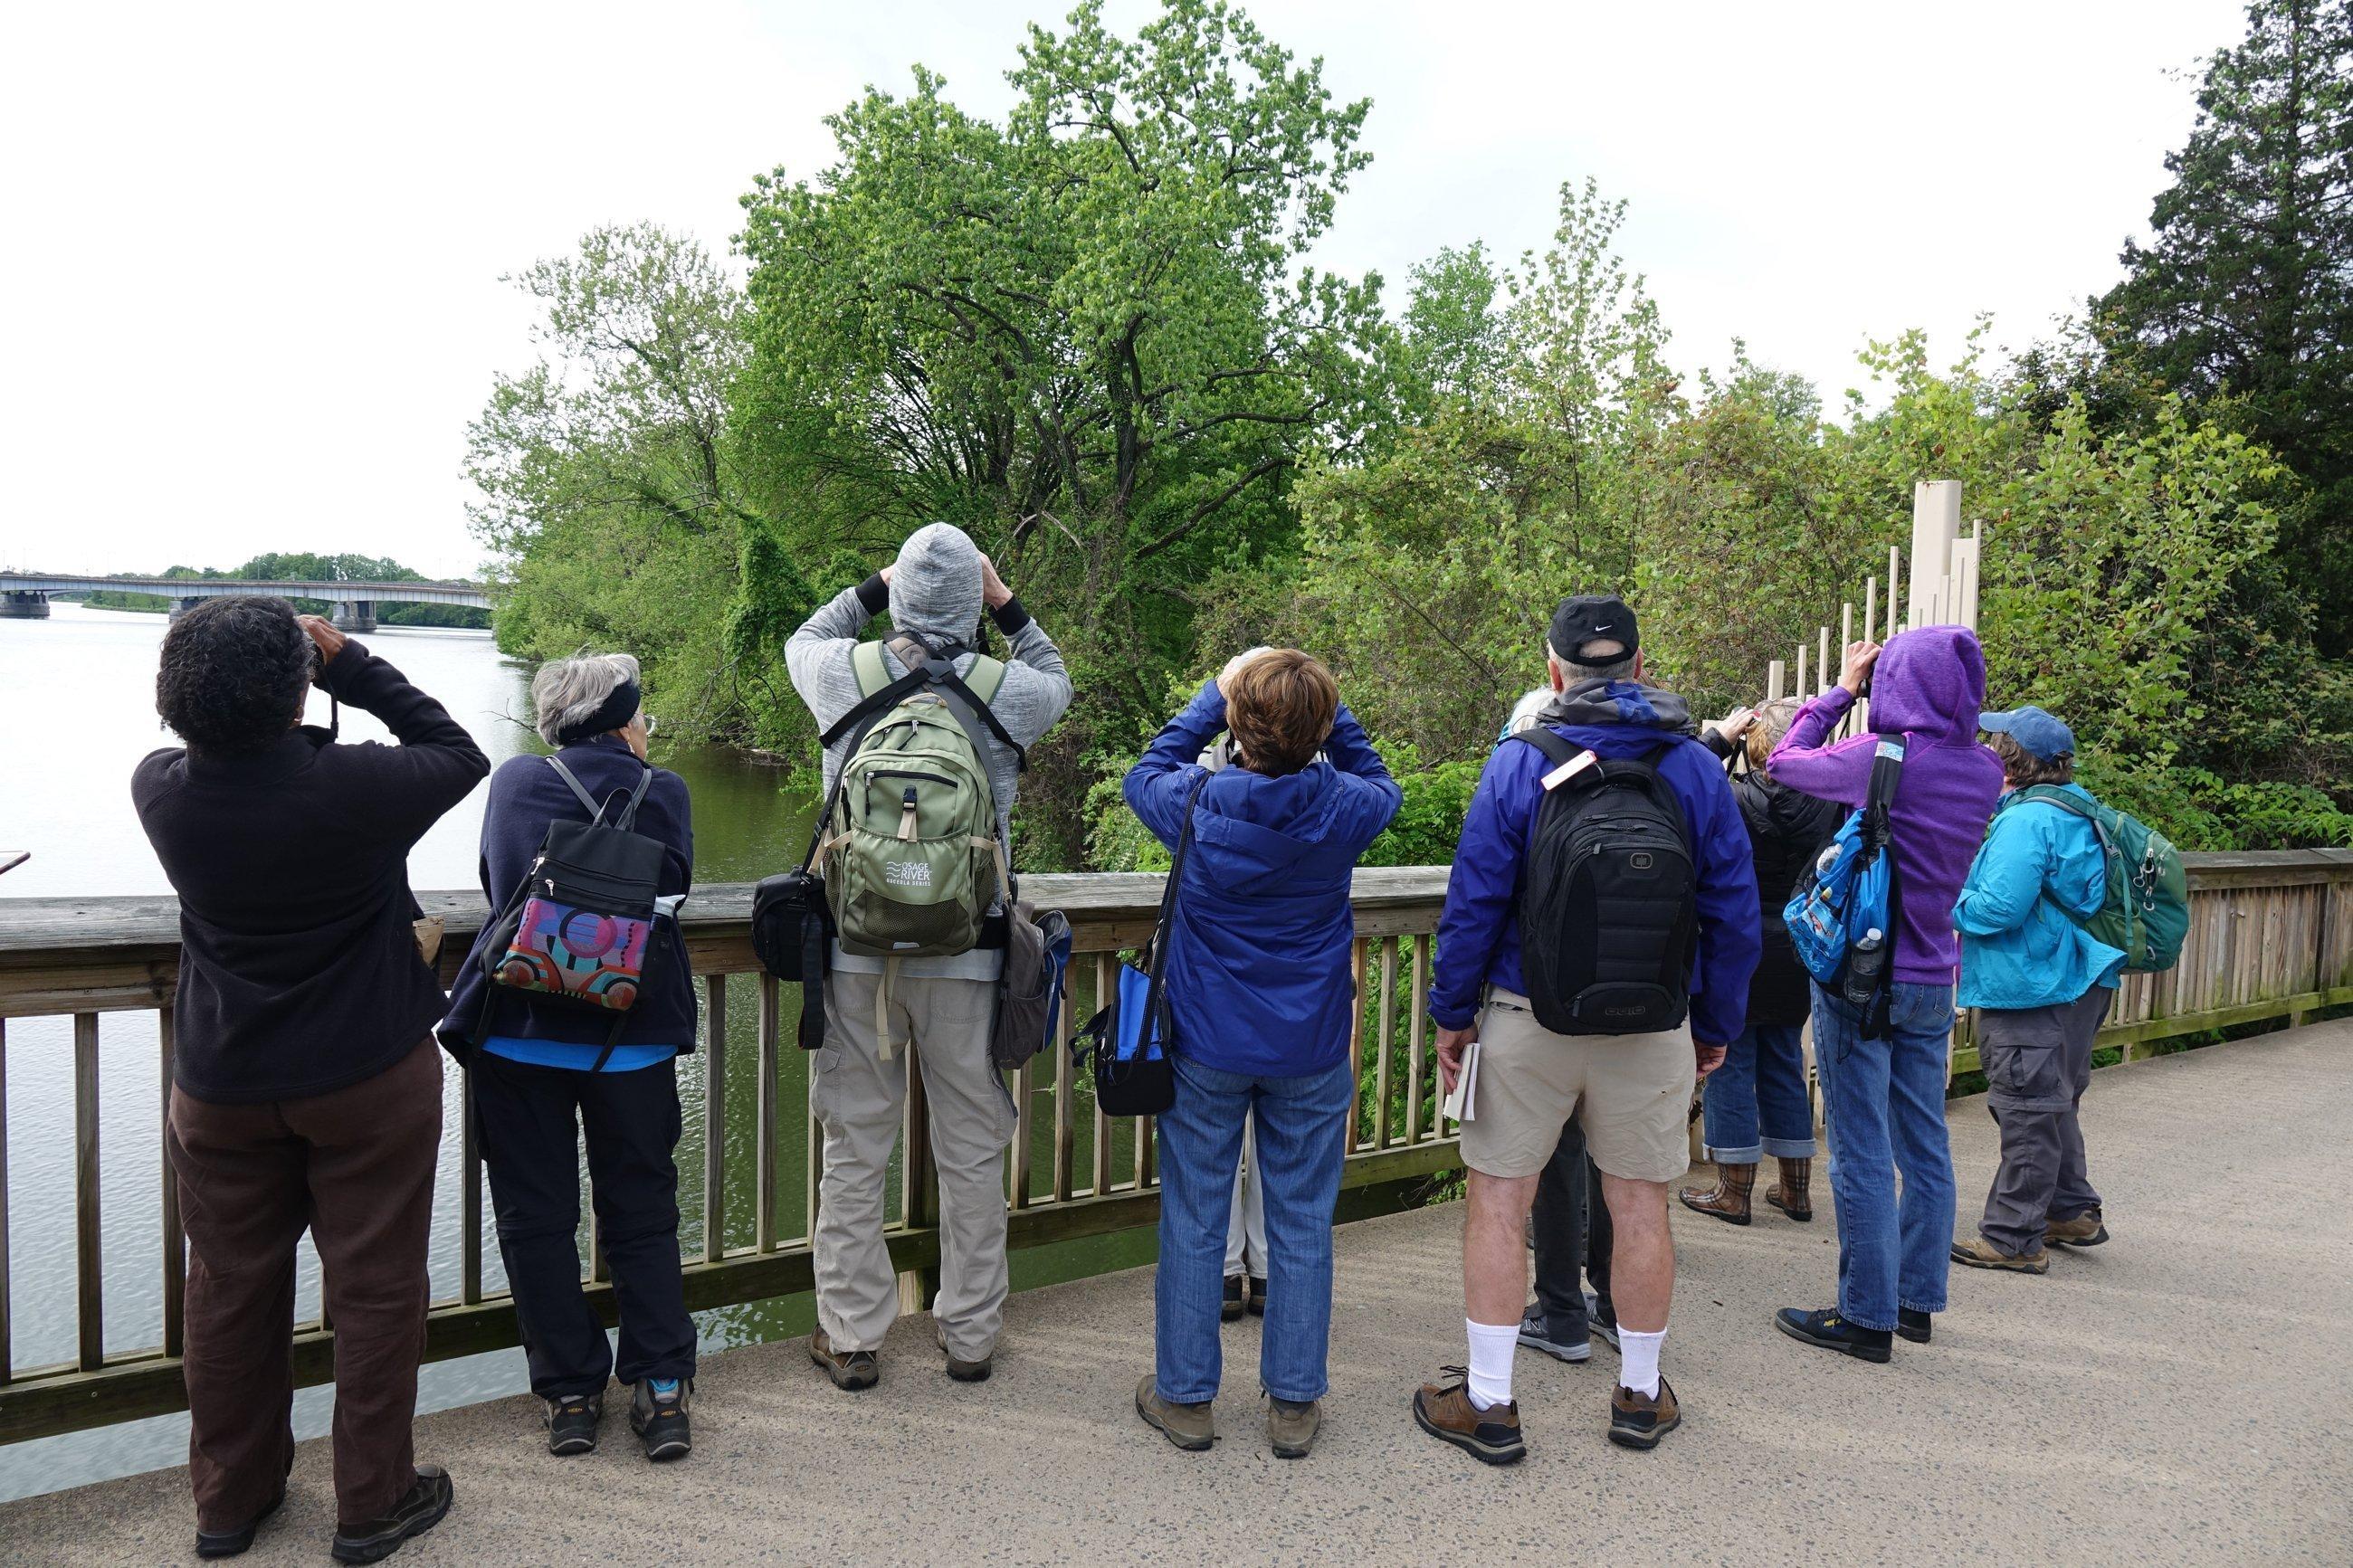 Eine Gruppe Menschen mit Ferngläsern in der Hand, von hinten fotografiert.